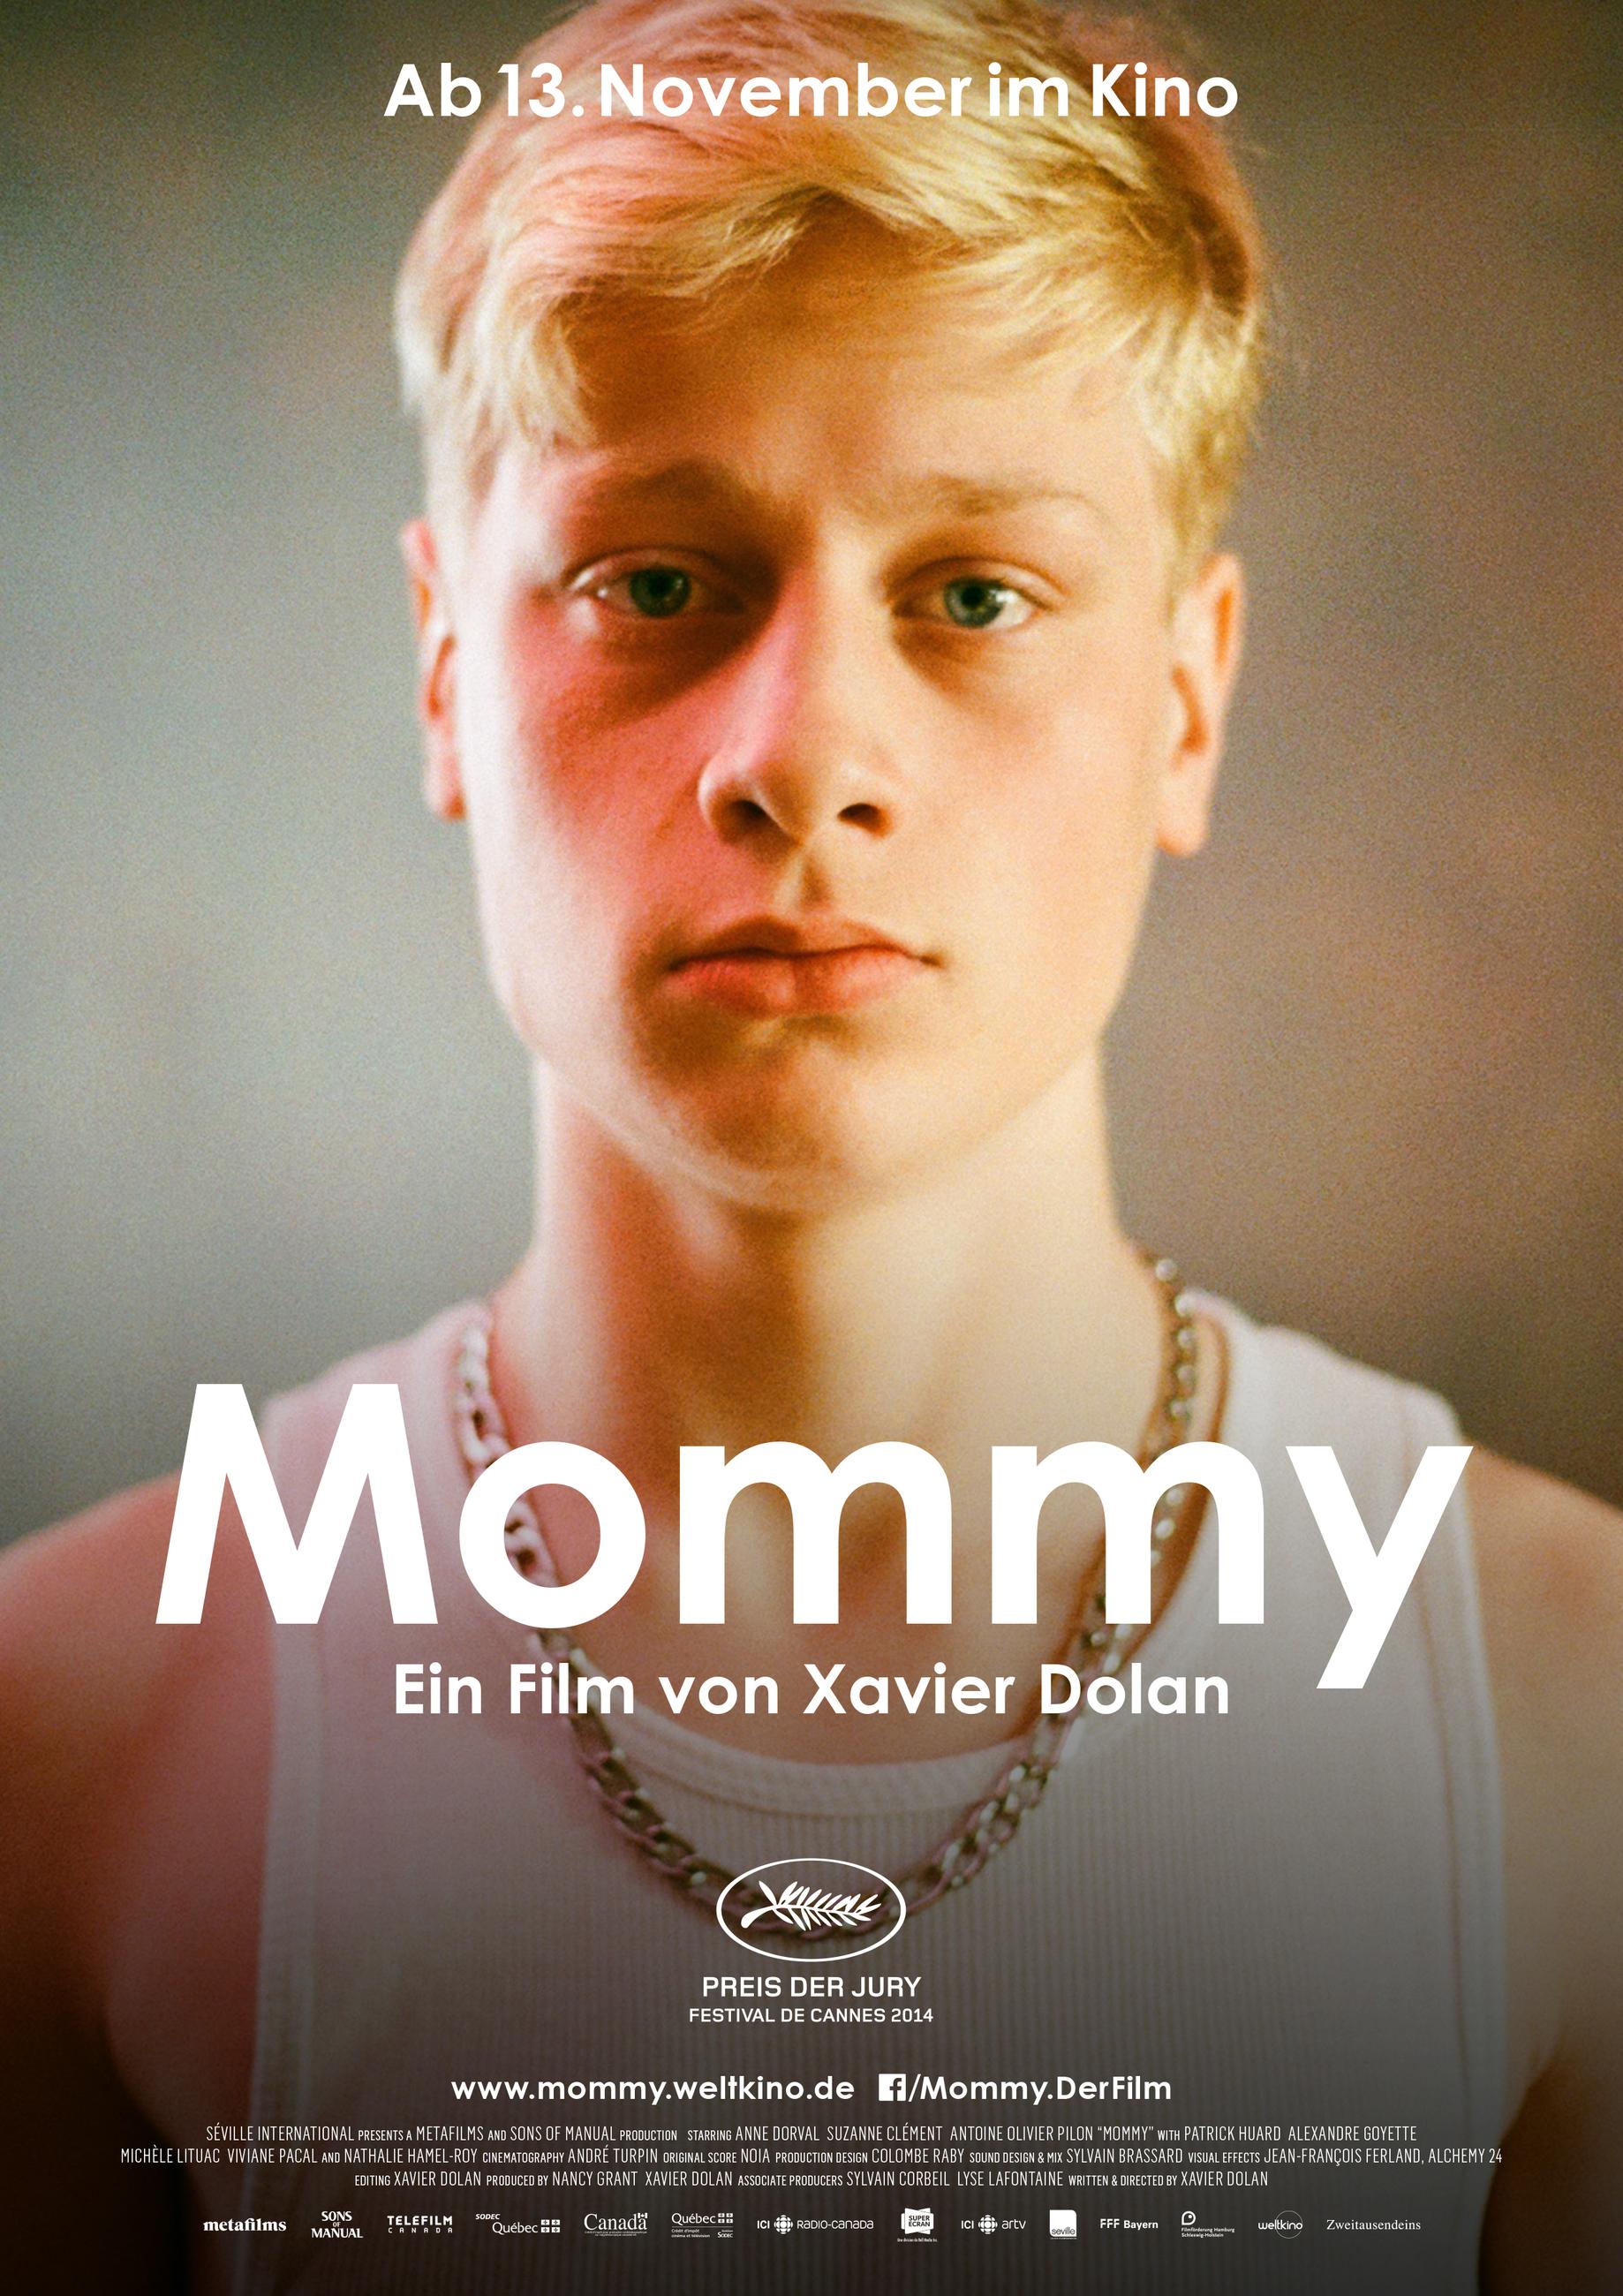 Мамочка фильм смотреть онлайн бесплатно